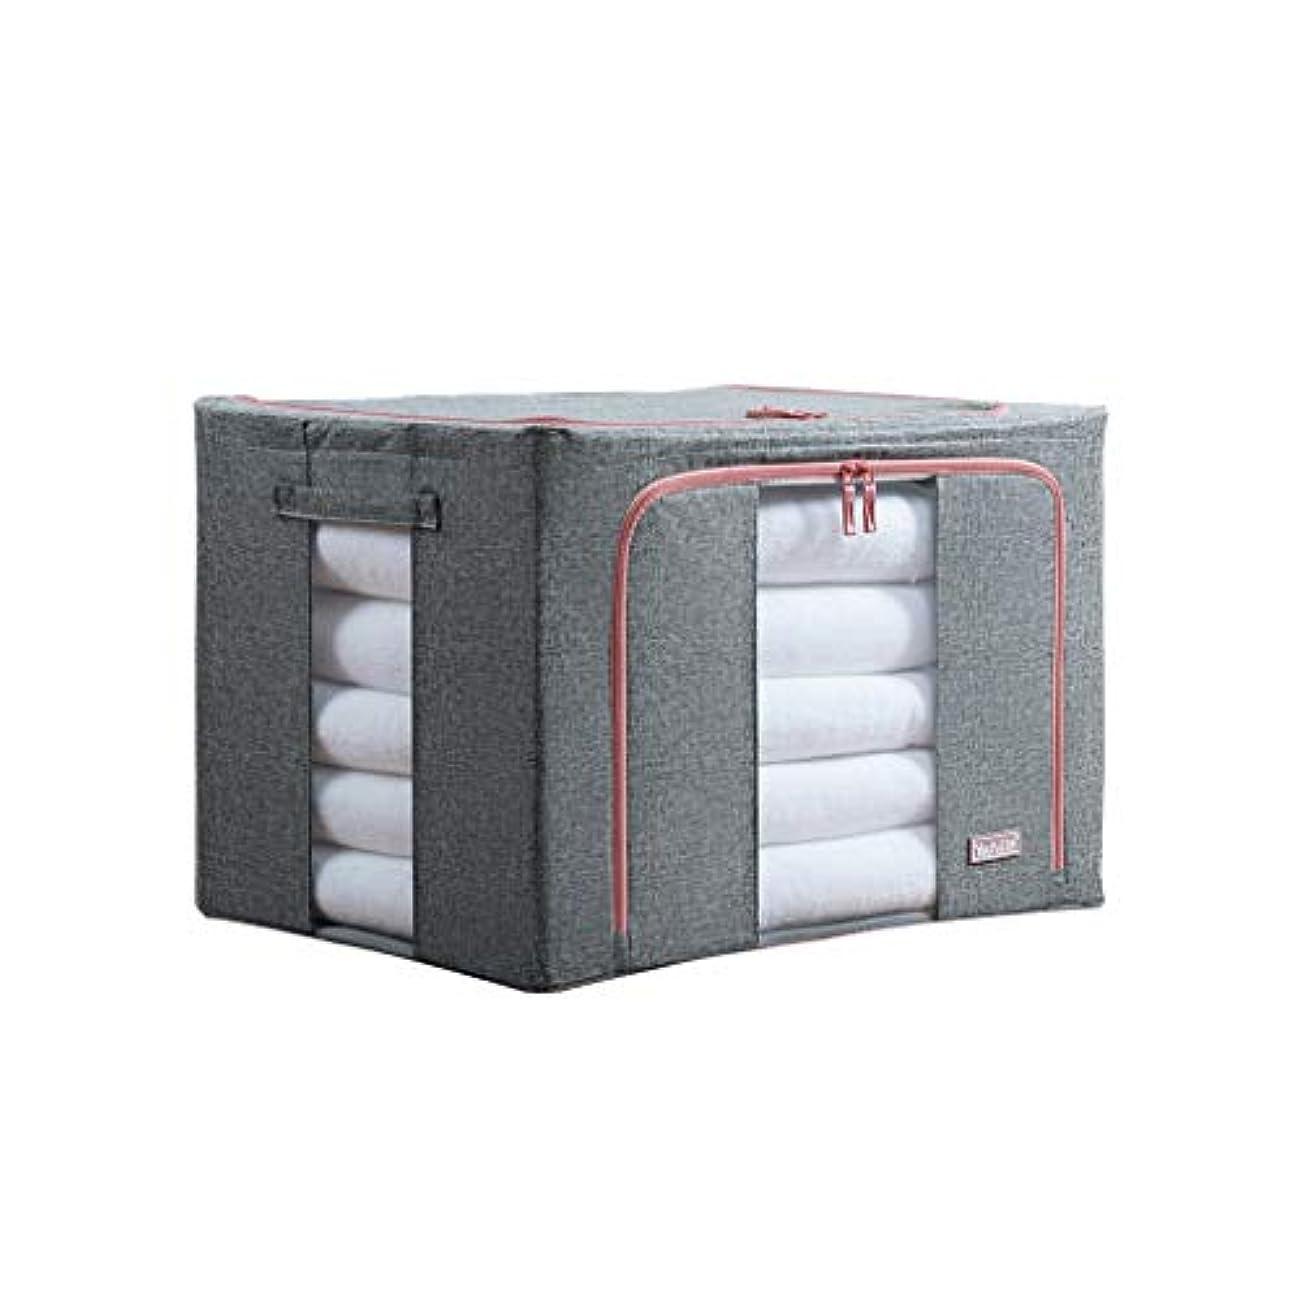 待つアラブサラボ秘密の収納バッグ、 衣類毛布仕上げボックス、 大容量/ダブルジッパー/パースペクティブウィンドウ、 スペースを節約する/再利用可能、 旅行や家庭に最適 (2個)